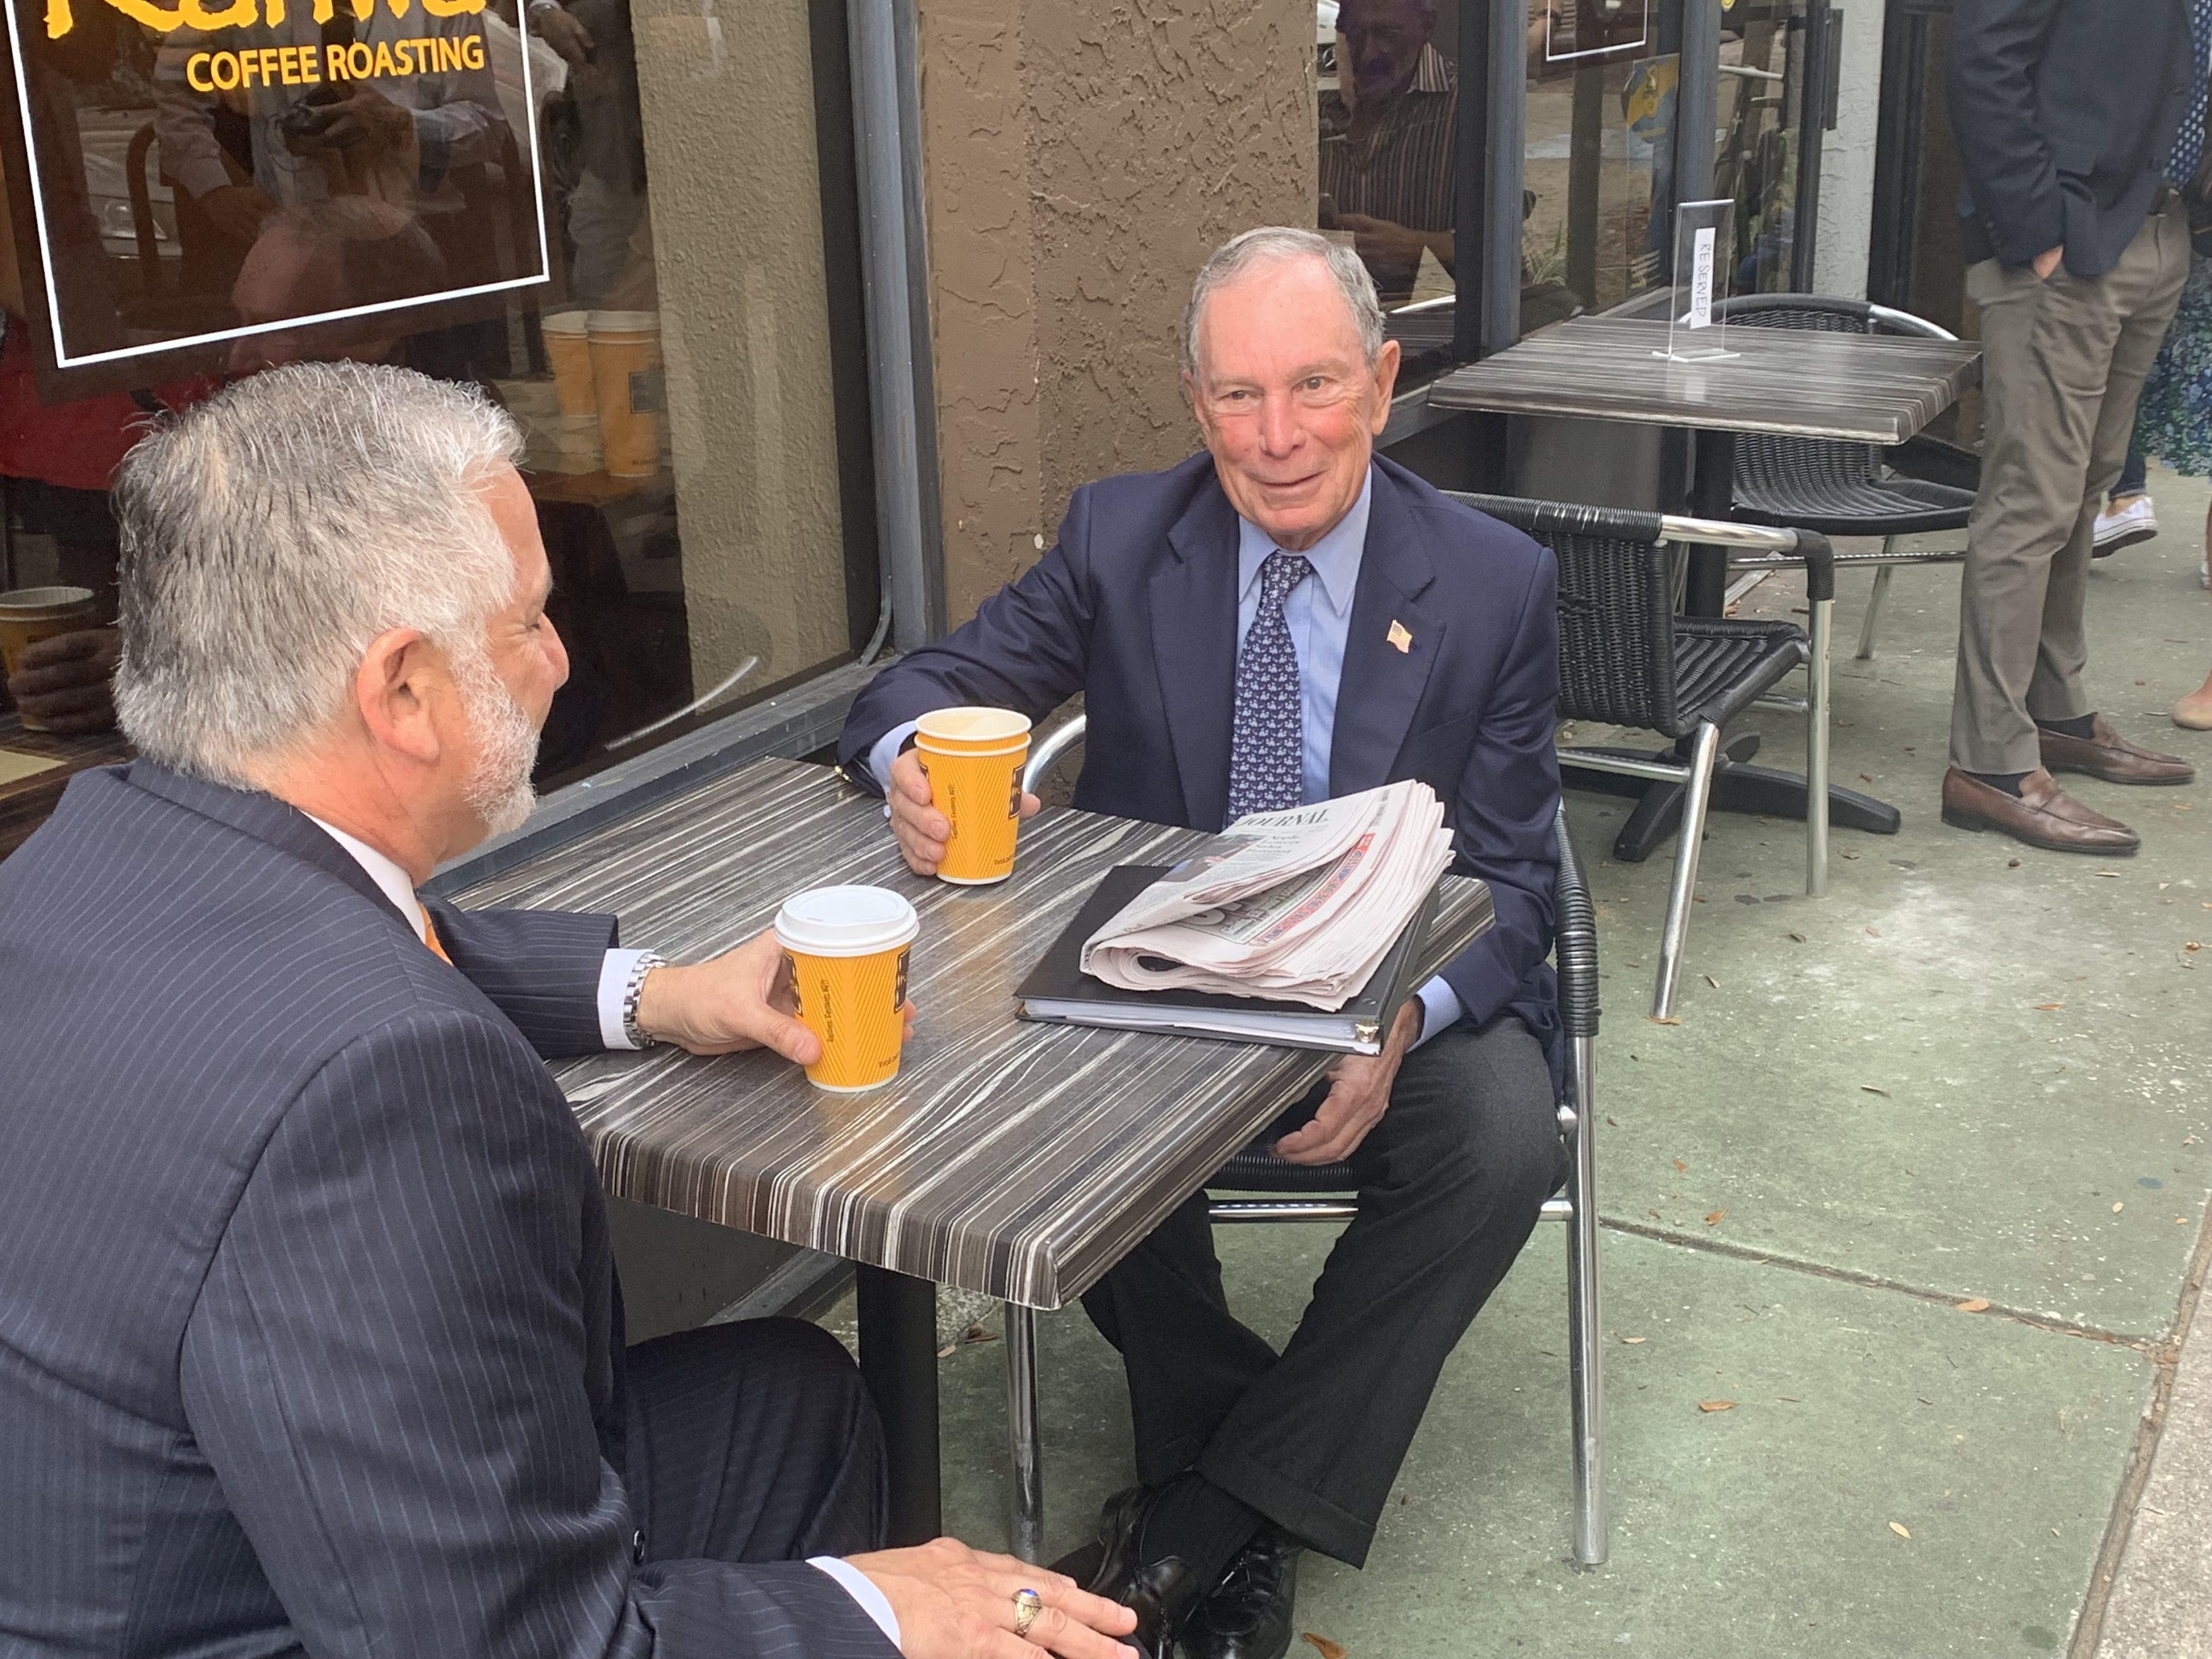 Michael Bloomberg Kriseman